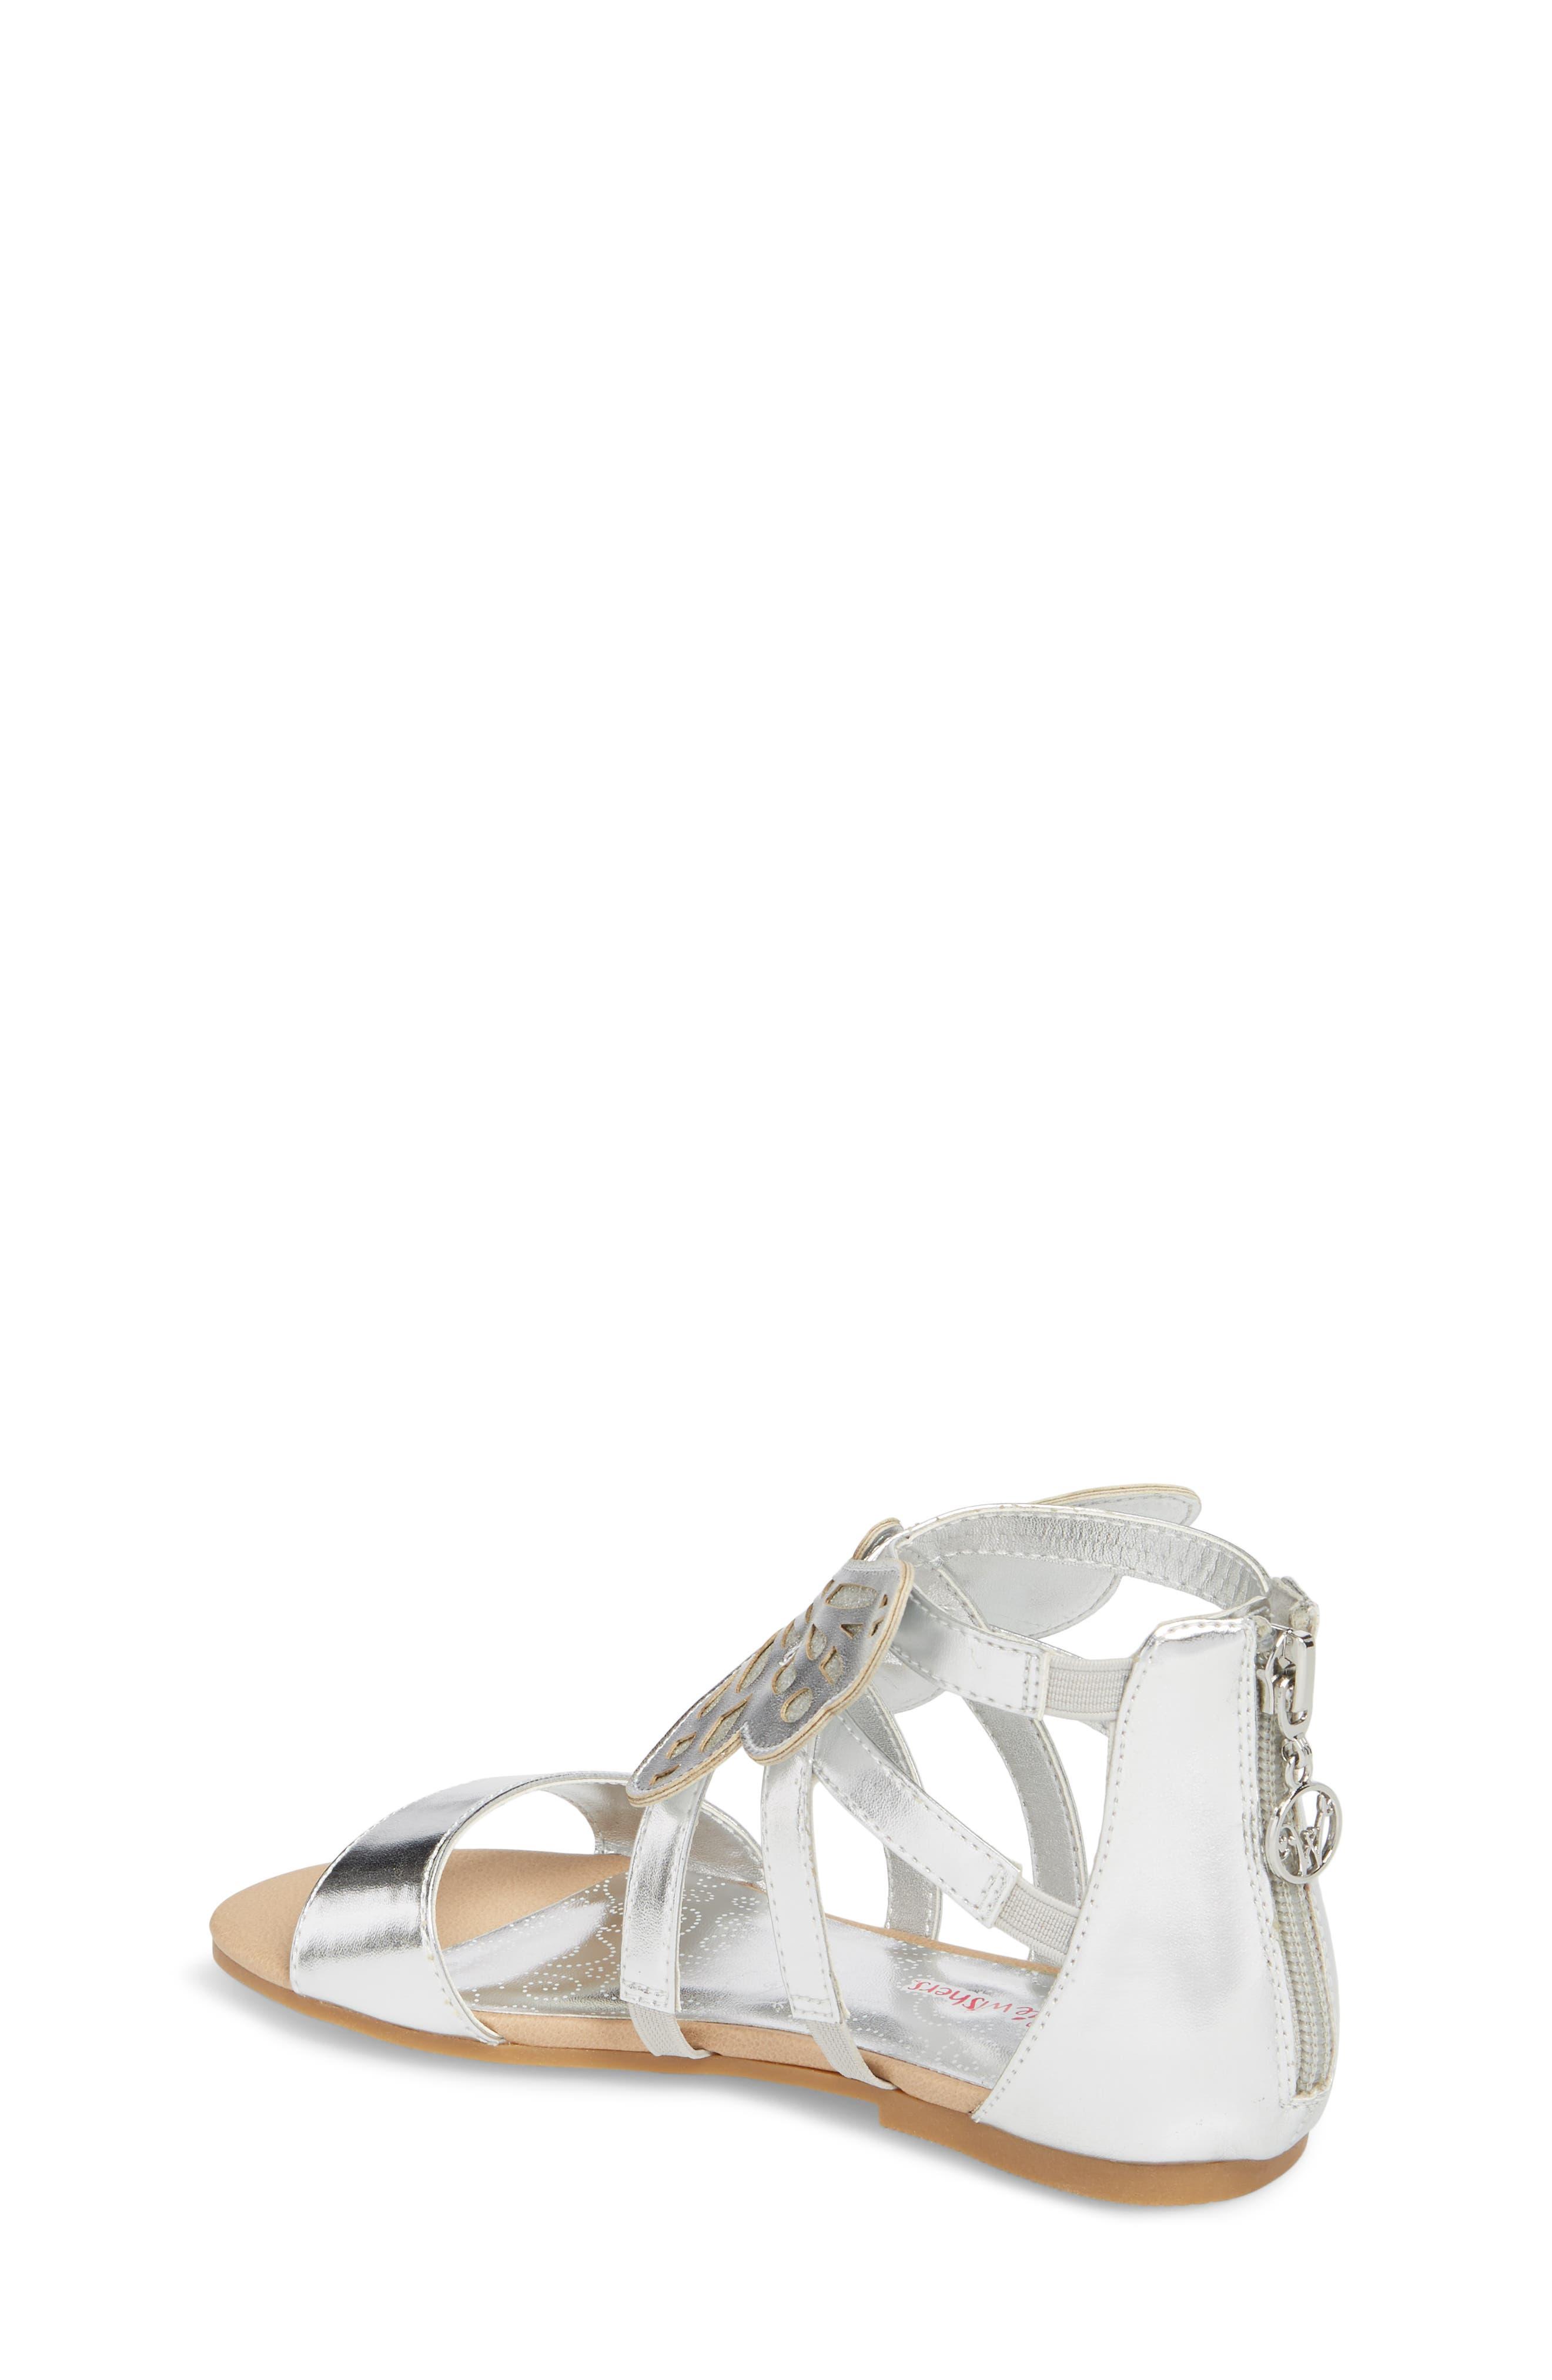 Willa Flutter Metallic Sandal,                             Alternate thumbnail 2, color,                             046